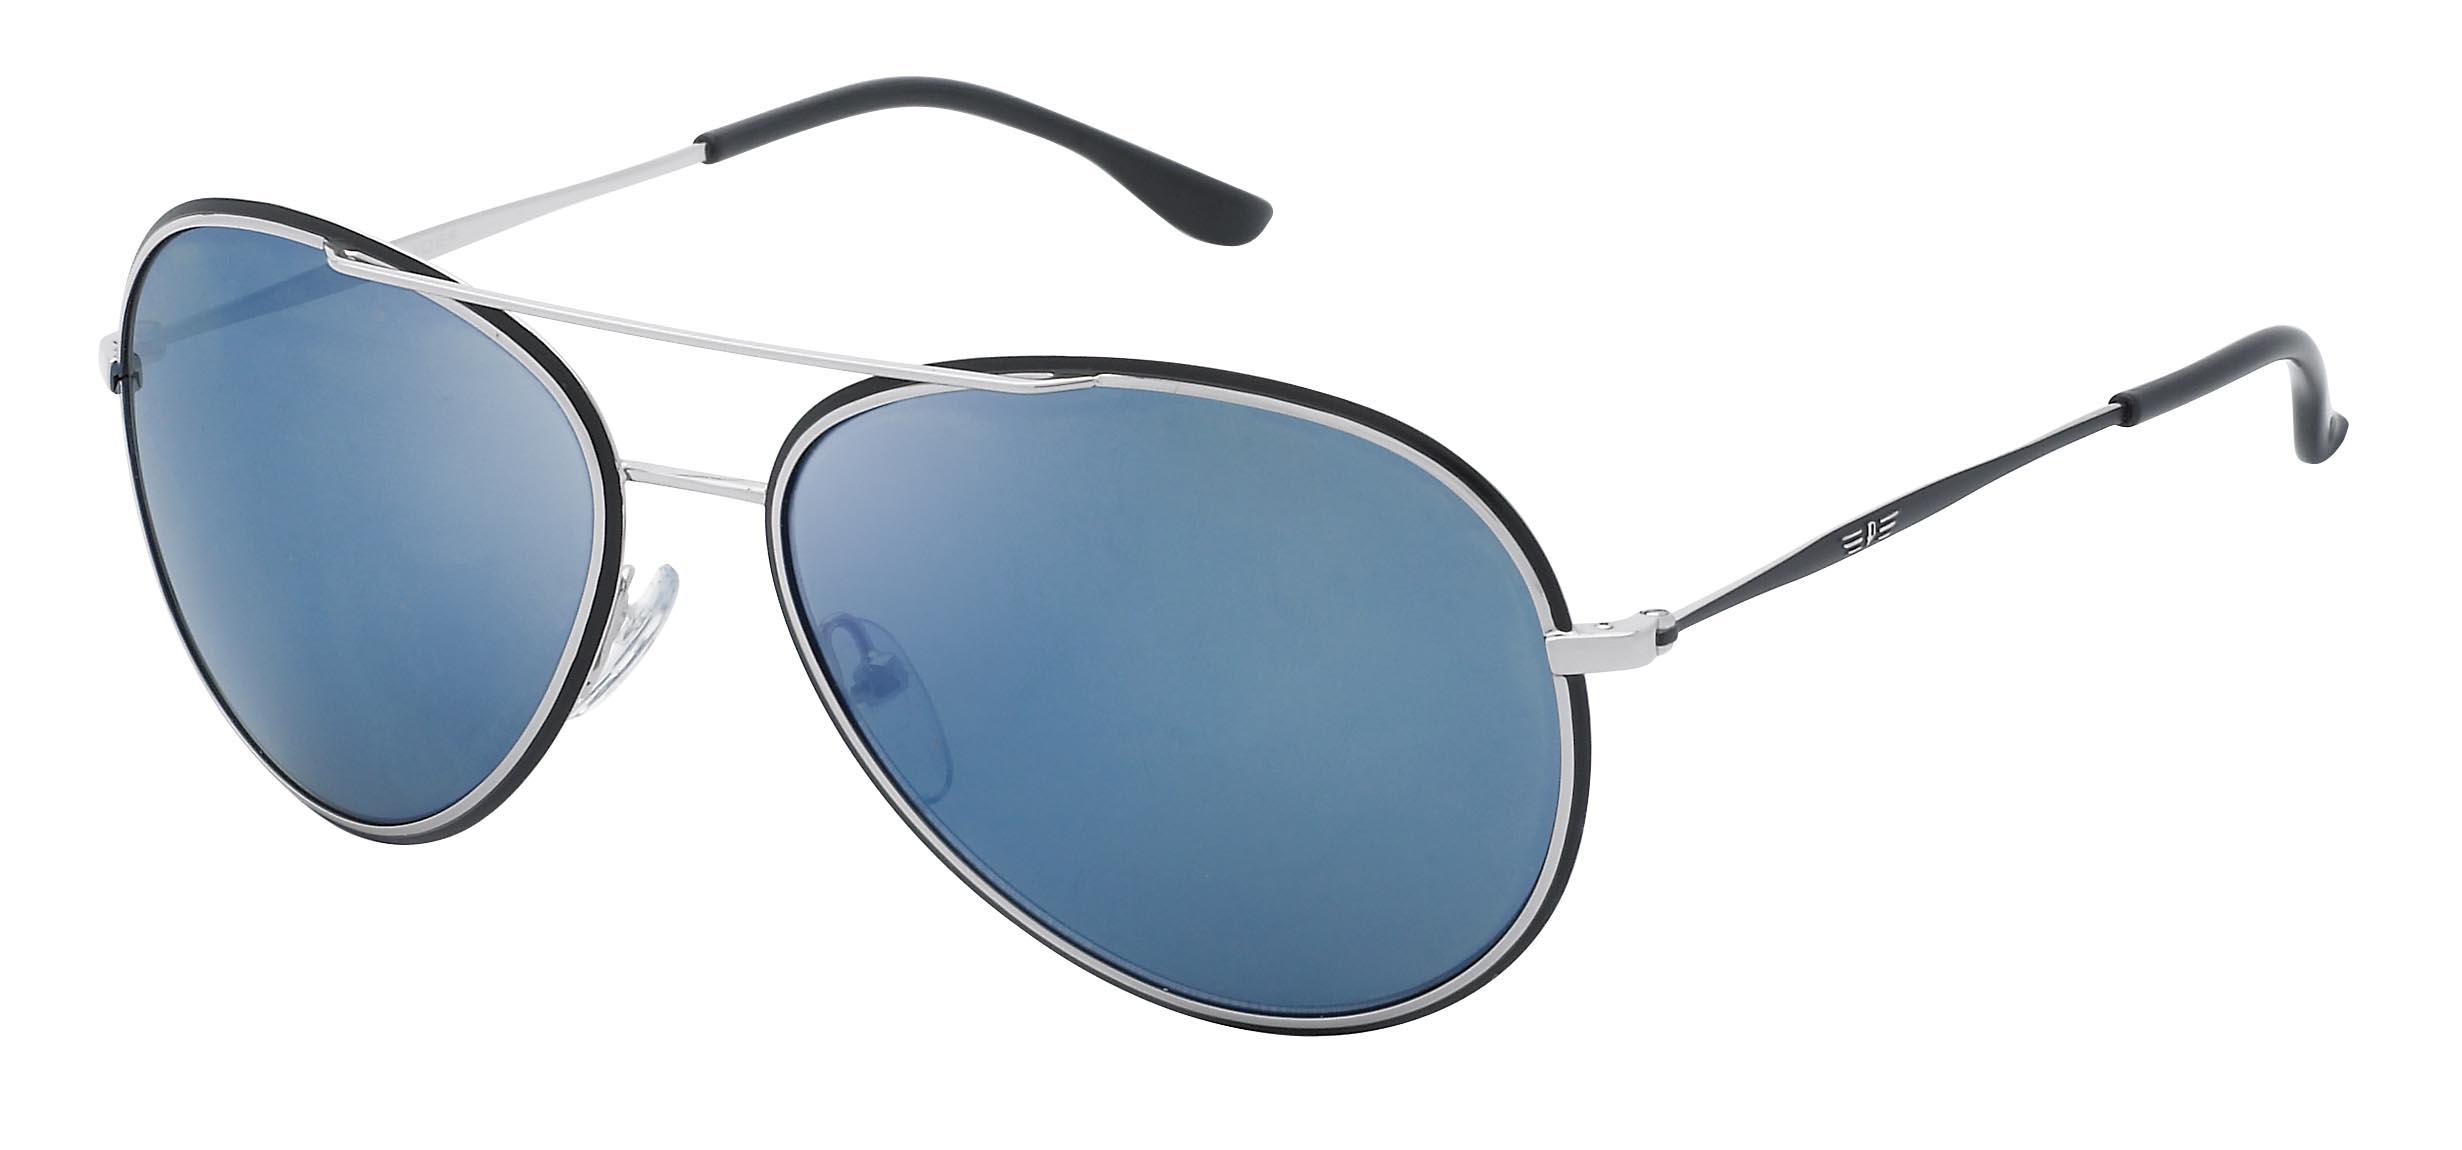 Oculos De Sol Police Preço   Louisiana Bucket Brigade aec263a1b0